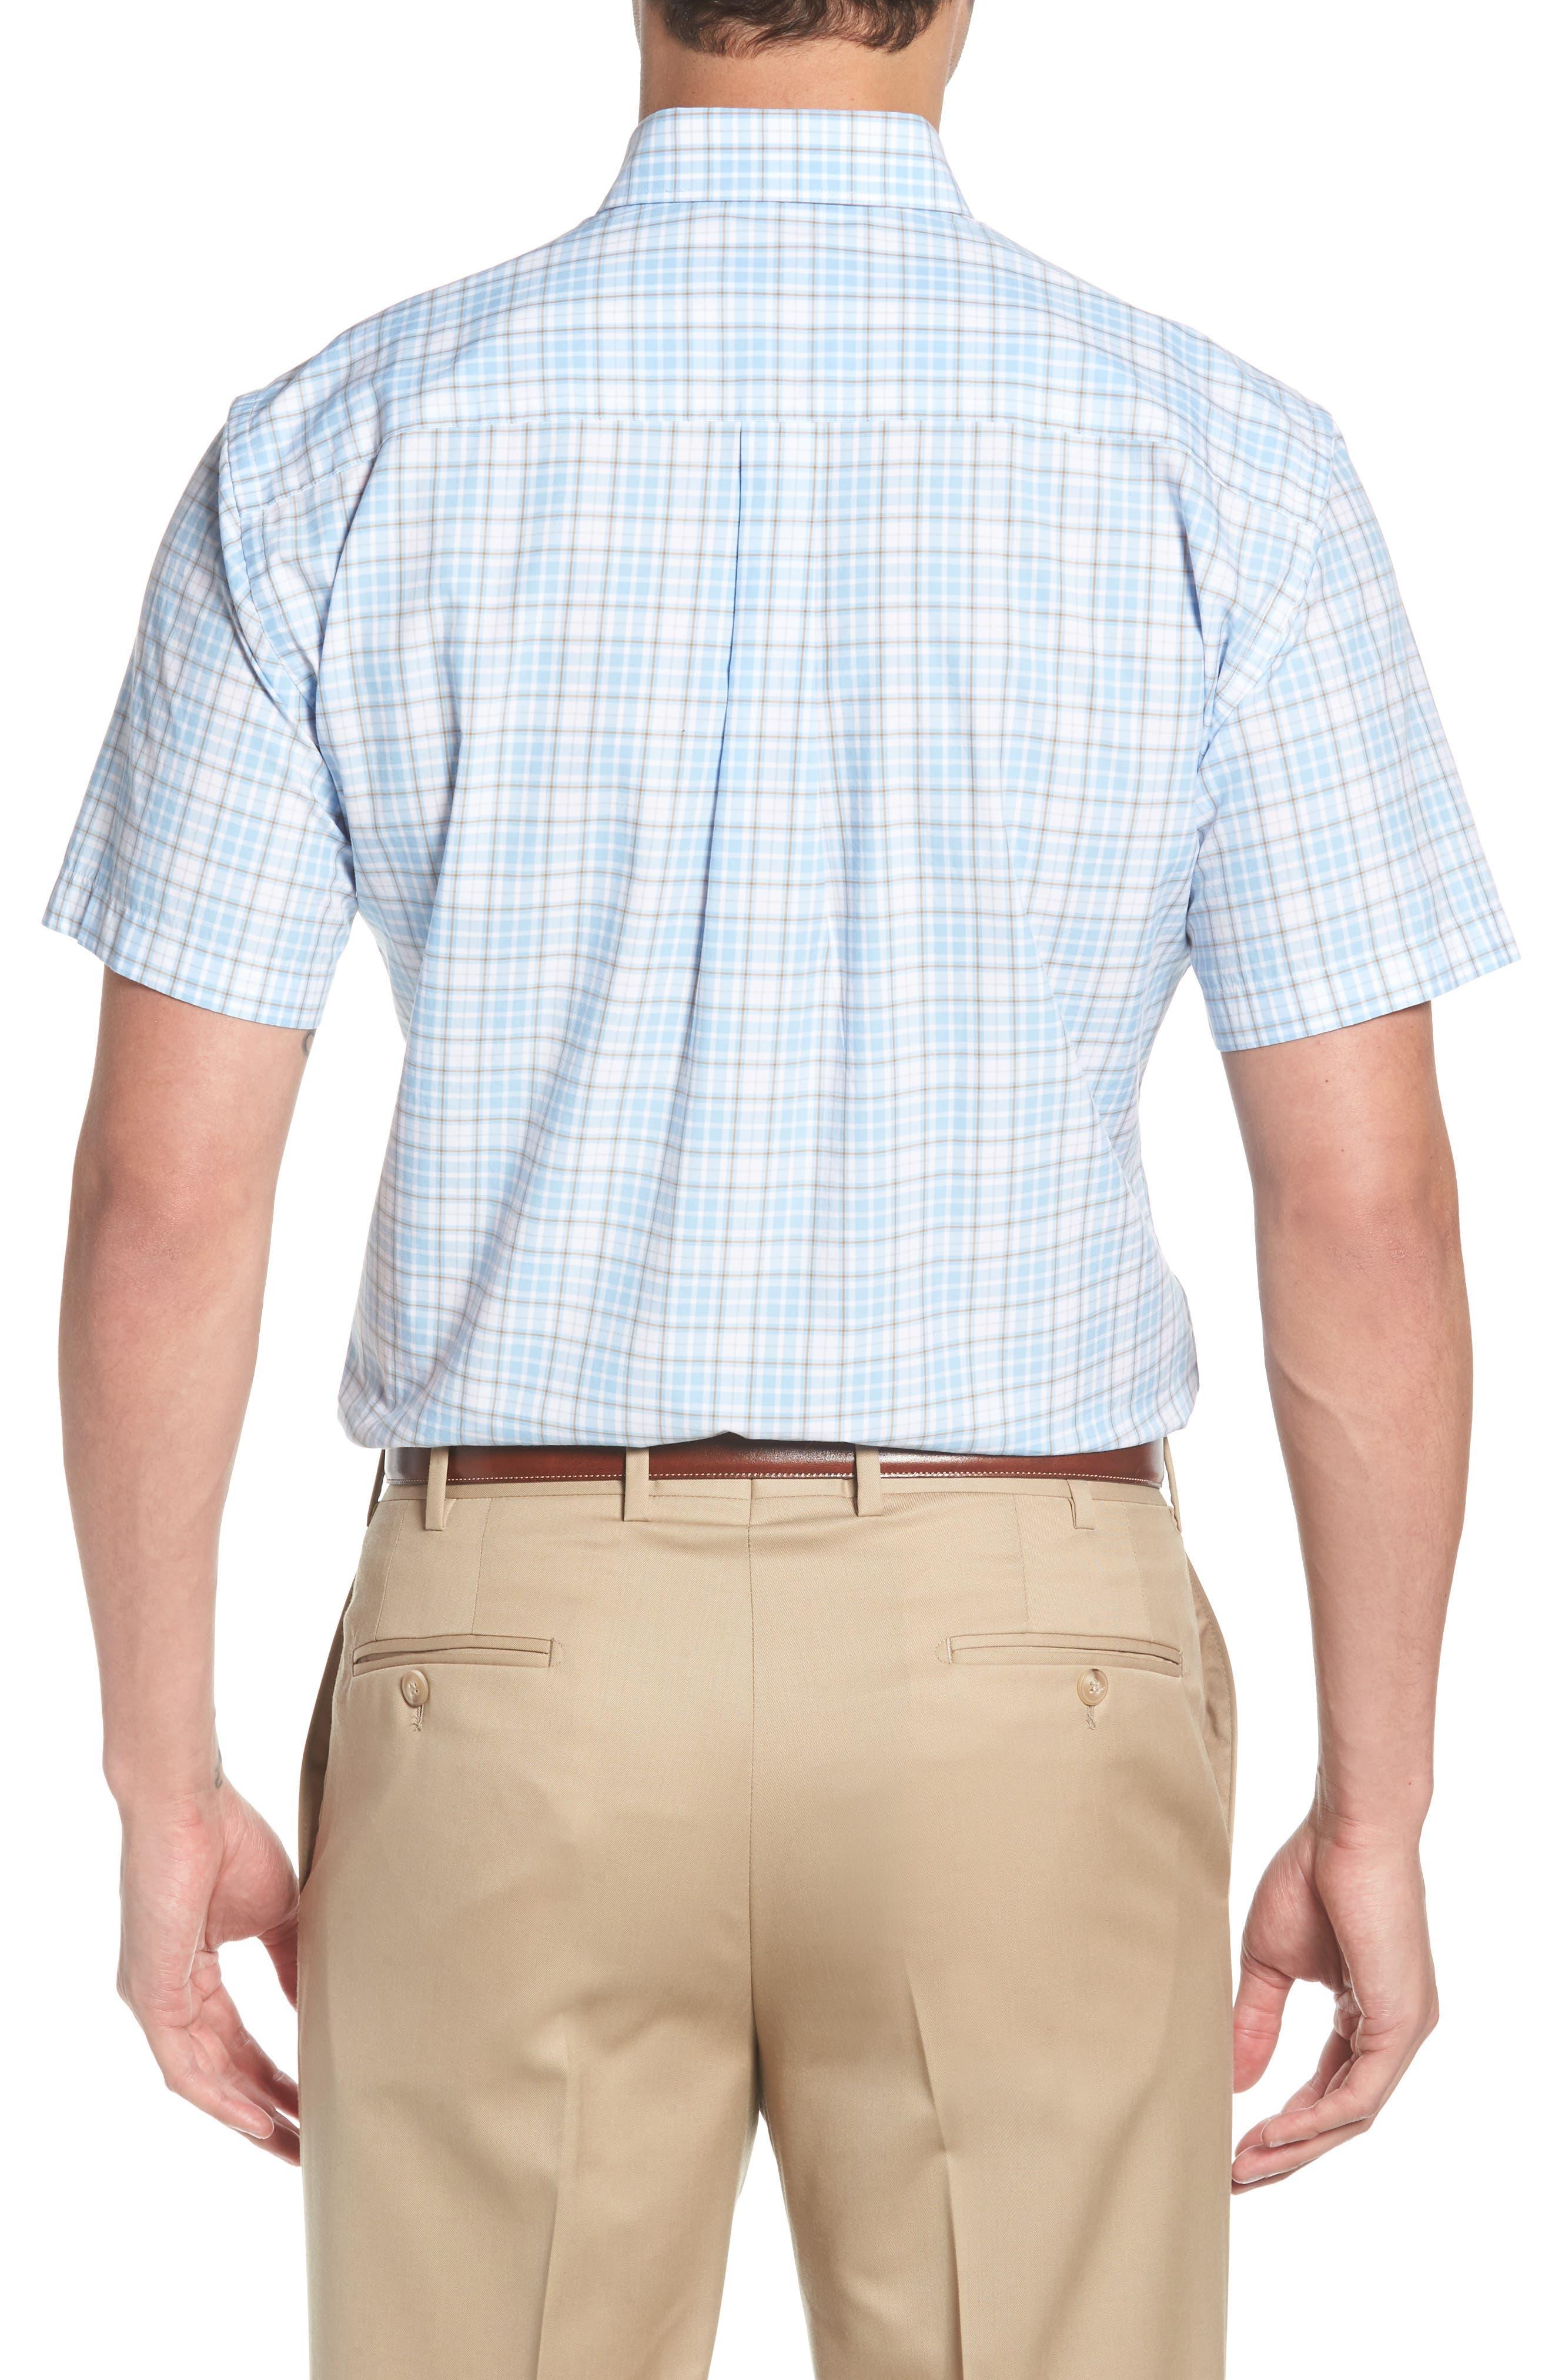 Belltown Regular Fit Tartan Sport Shirt,                             Alternate thumbnail 2, color,                             400